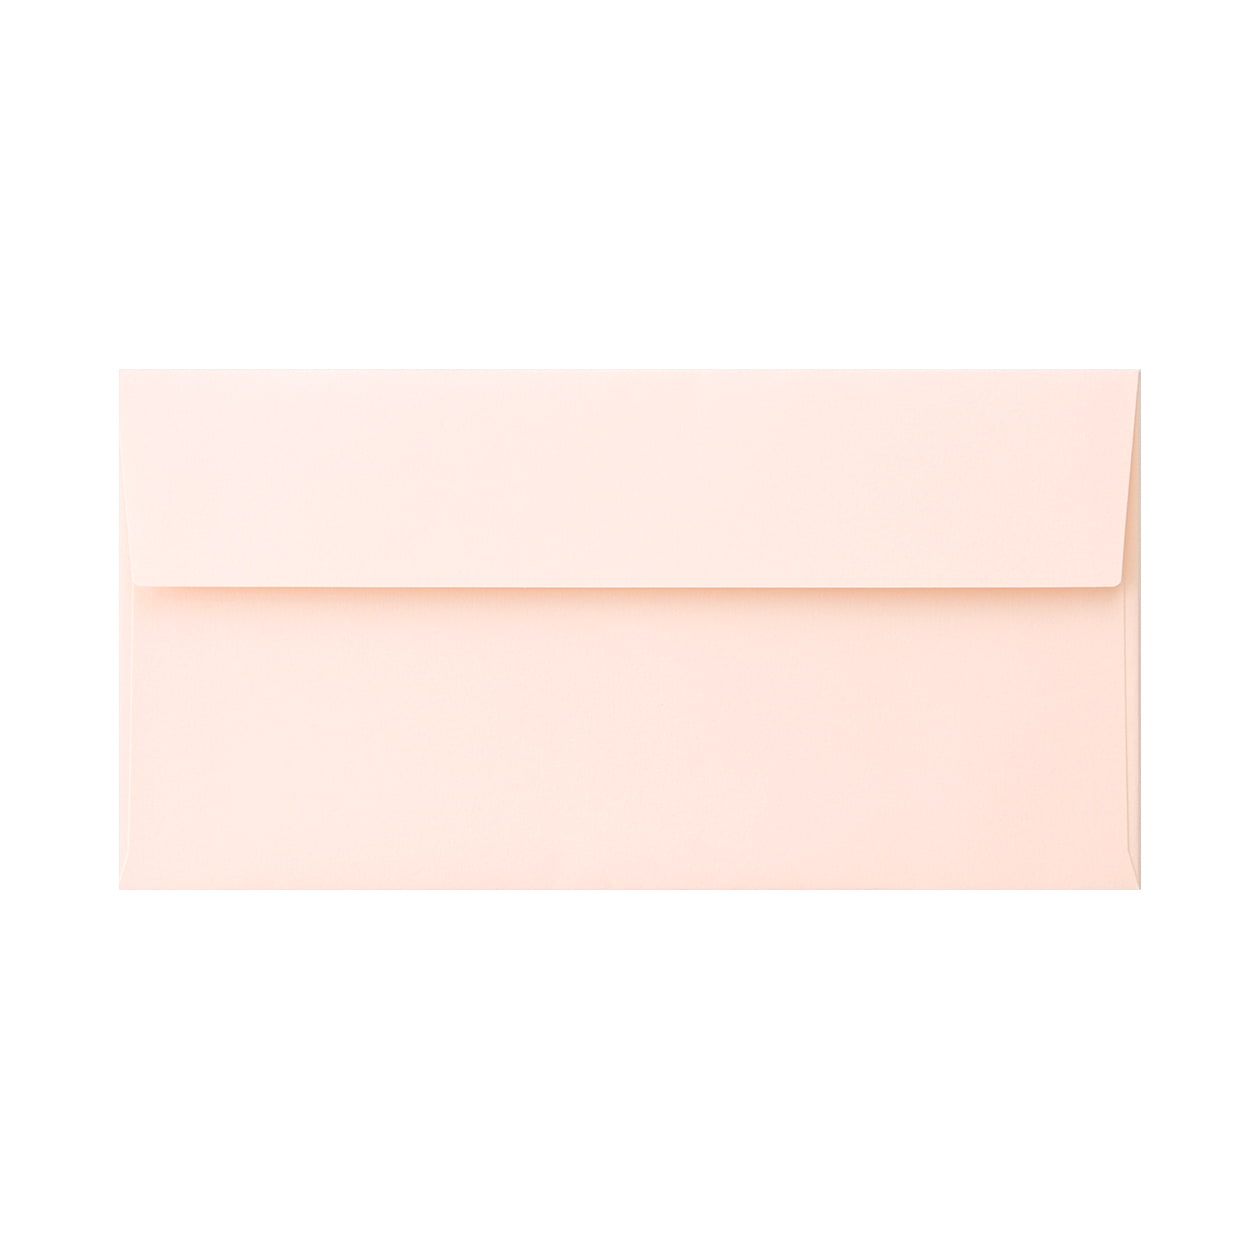 長3カマス封筒 コットン ピンク 116.3g